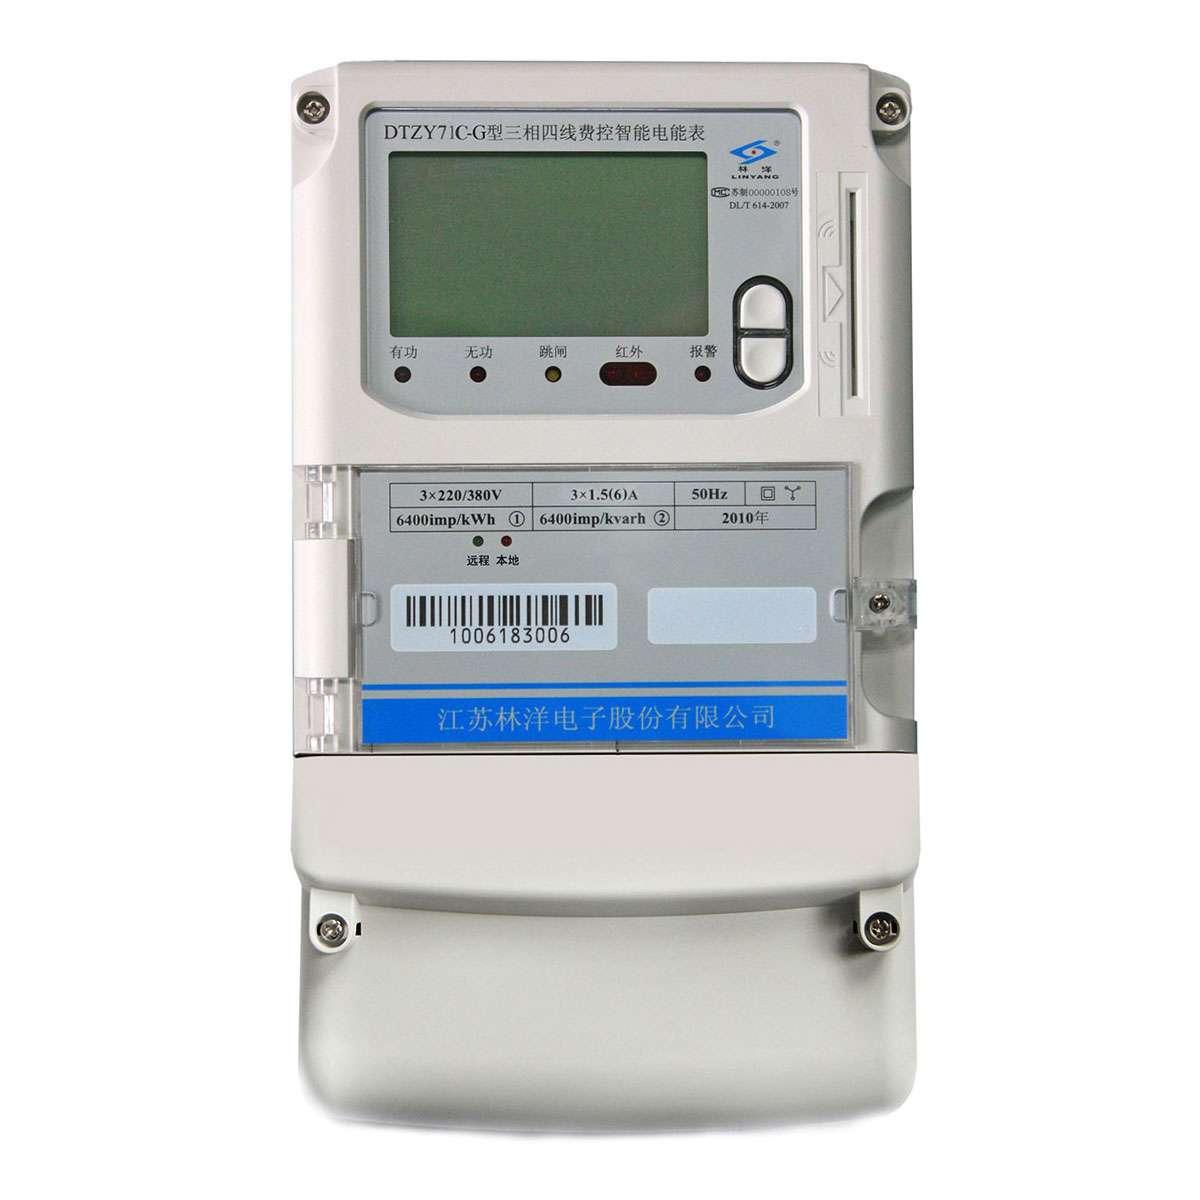 DTZ71三相四线智能电能表   主要特点:   三相智能电能表采用高性能计量芯片,能实现小电流计量精度高,温度、频率变差小的优势,具有性能稳定、功能丰富、抗干扰能力强的特征,在操作便捷、自检纠错、数据安全及用电异常分析等方面精心设计,支持交直流自适应辅助电源供电。其采用全密封的结构及外壳,可以满足严酷的高低温交变湿热环境应用。电池盒与编程按键可以分别进行铅封,便于供电部门的管理。   产品标准:   •GB/T 17215.